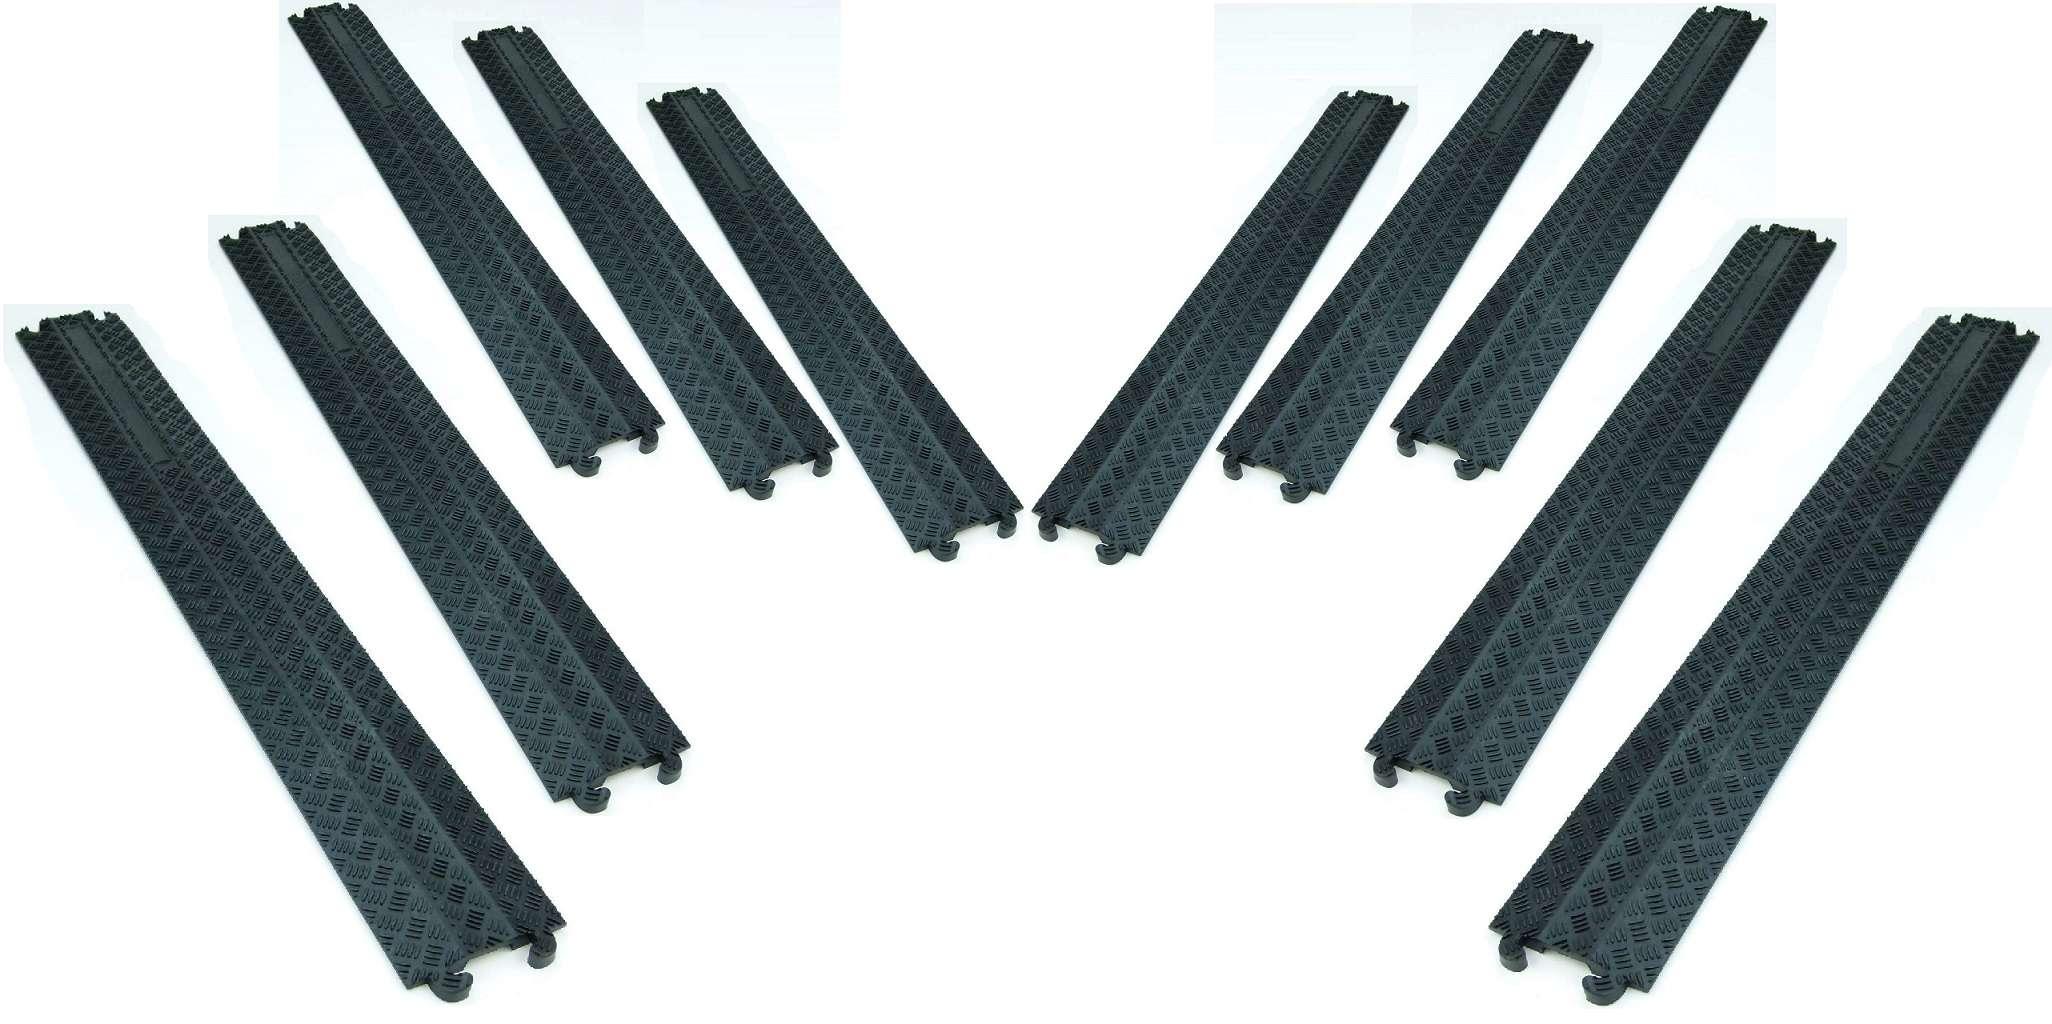 Musikinstrumente 10x 1 Kanal Kabelbrücke Kabelmatte Überfahrrampe Kabelkanal Überfahrschutz Gummi Baustellengeräte & -ausrüstung